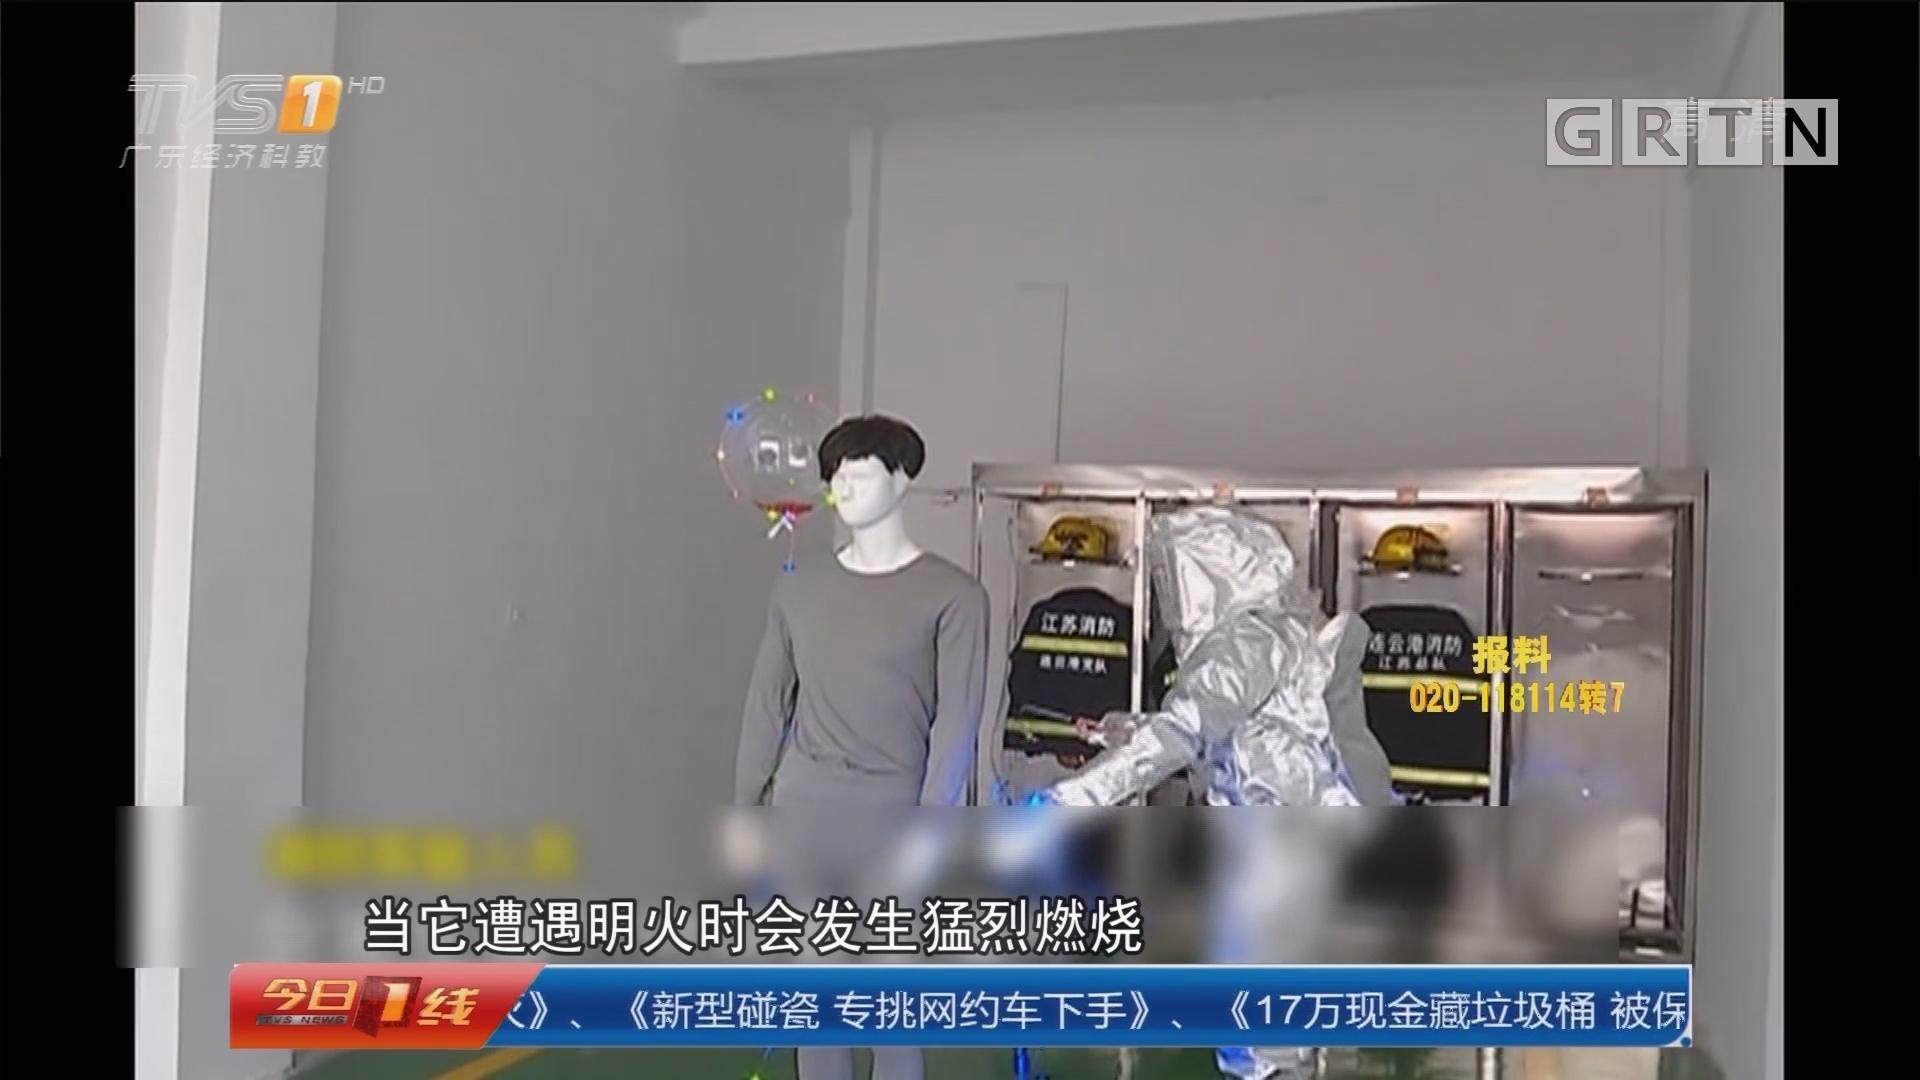 安全提醒:网红气球爆炸伤4人 莫给小孩玩